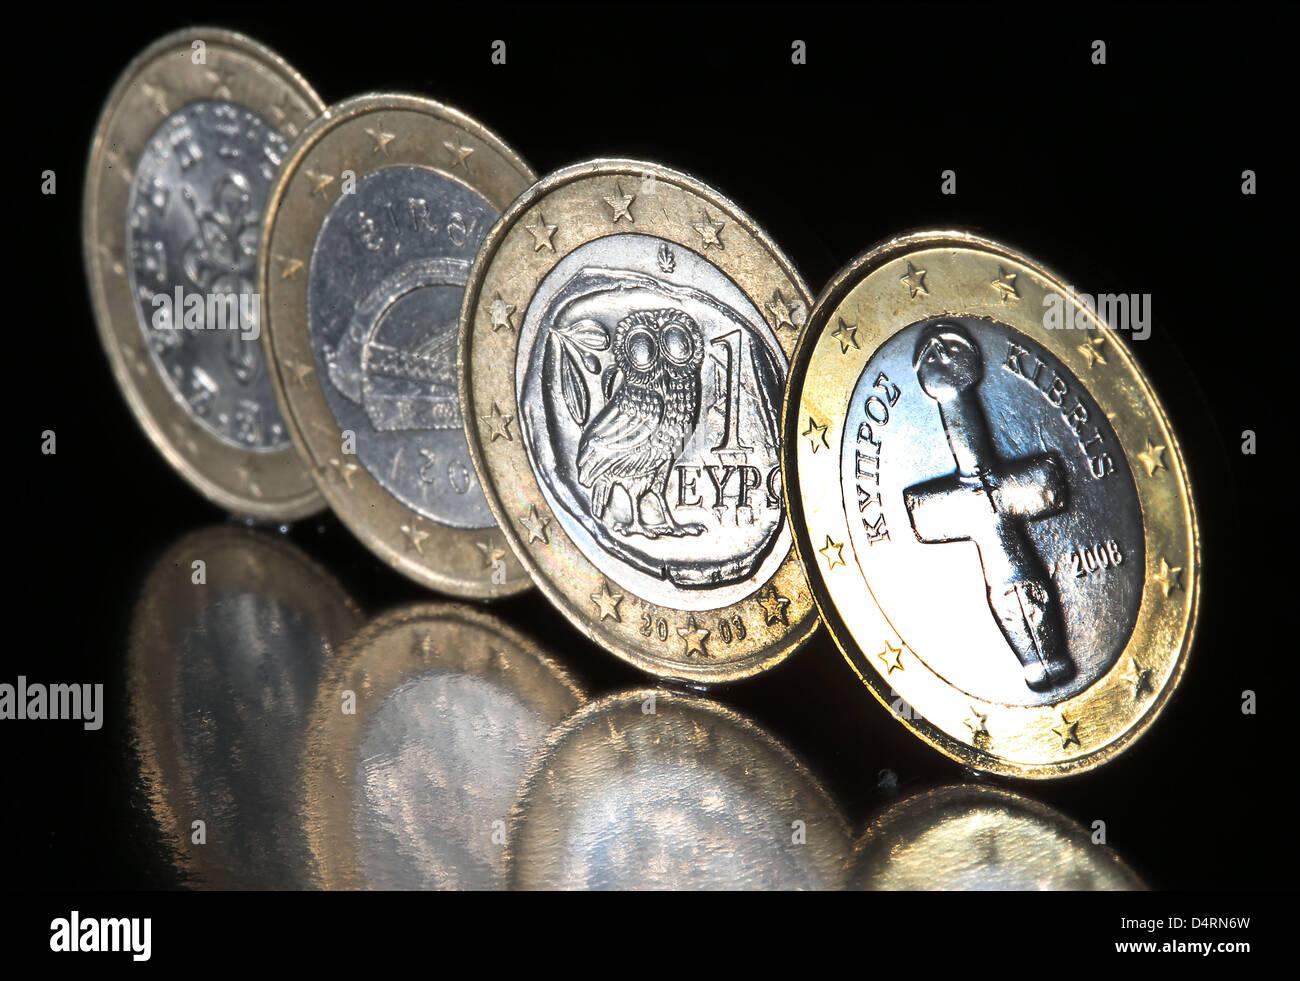 Abbildung Eine Abbildung Vom 18 März 2013 Zeigt Eine Zypriotische